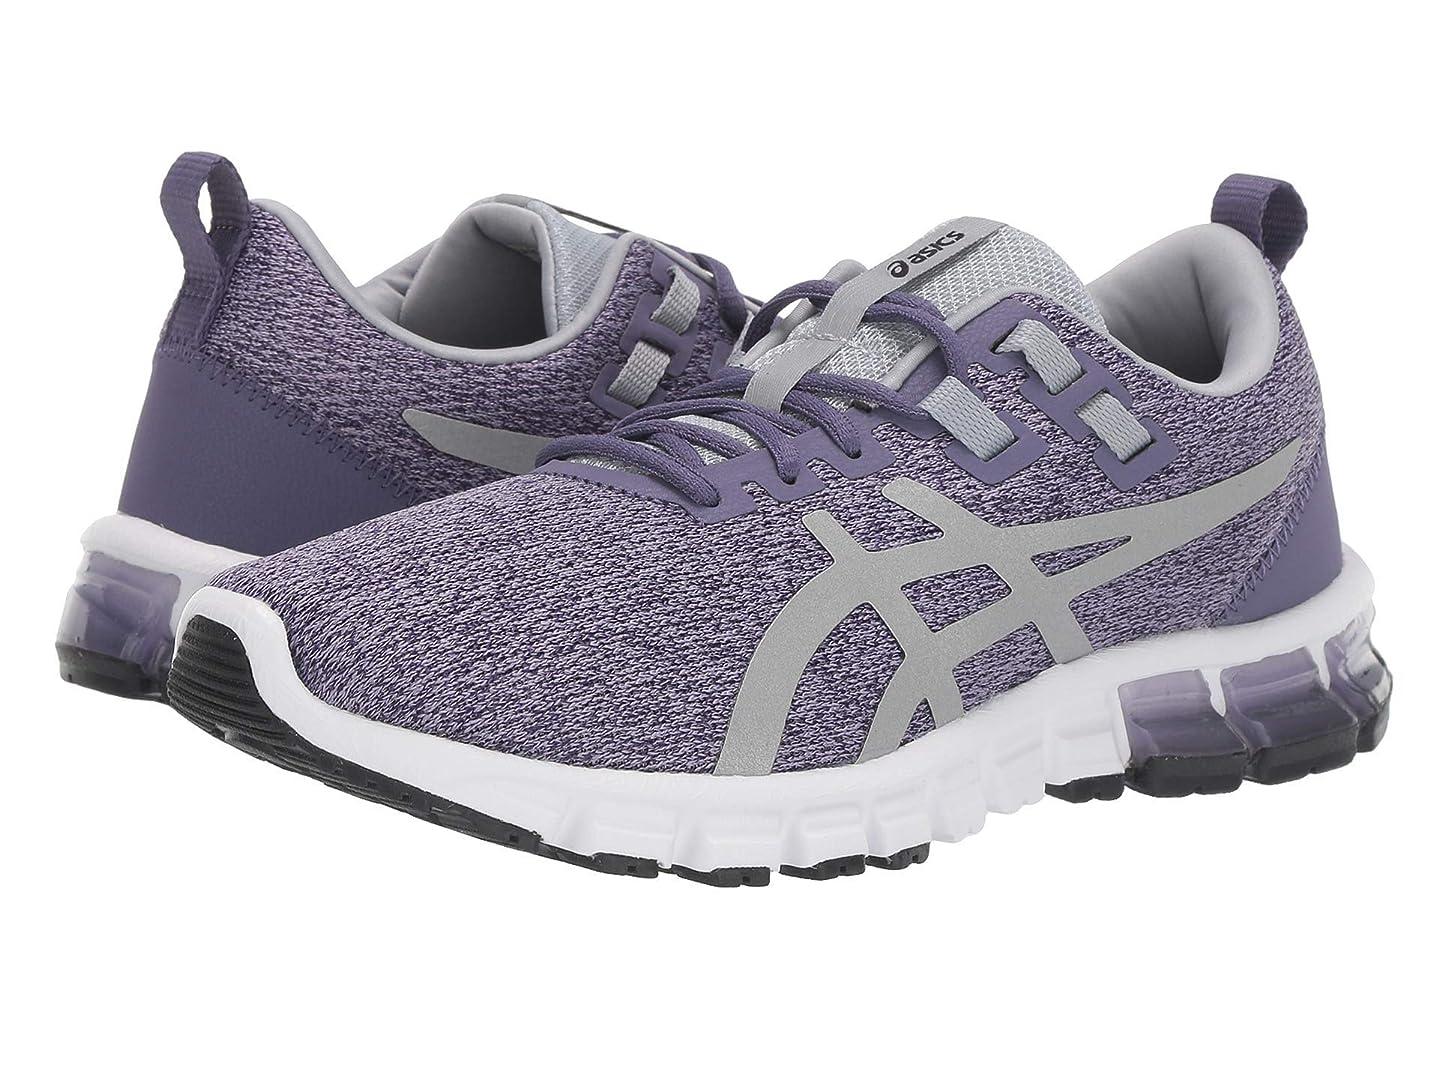 [アシックス] レディースランニングシューズ?スニーカー?靴 GEL-Quantum 90 Dusty Purple/Silver 5.5 (22.5cm) B [並行輸入品]